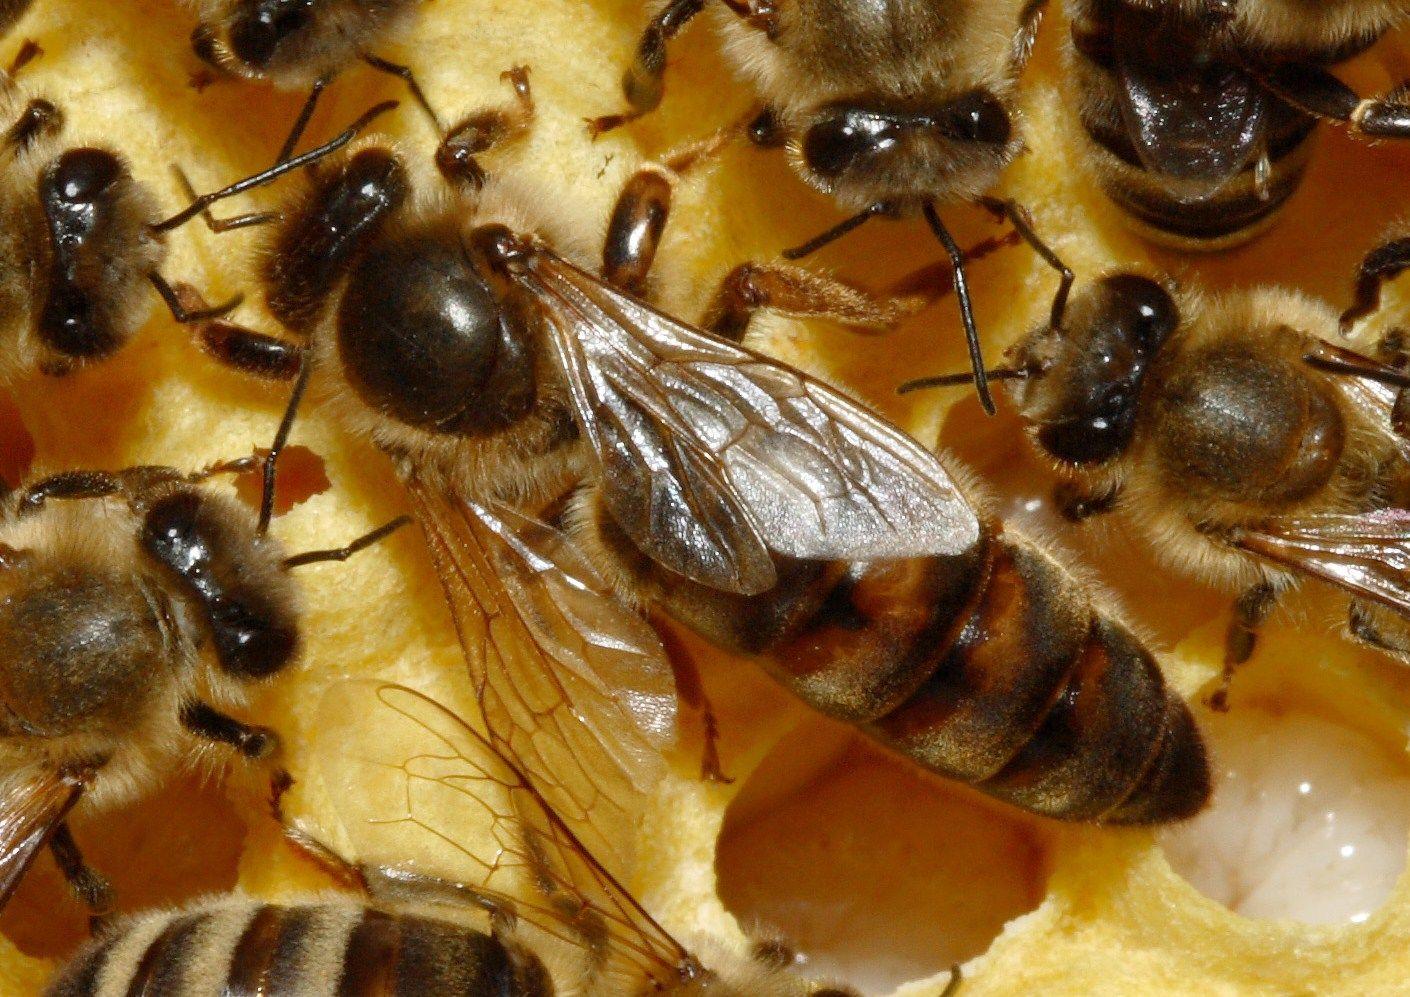 Зависит ли развитие матки пчел по дням от конкретной породы?